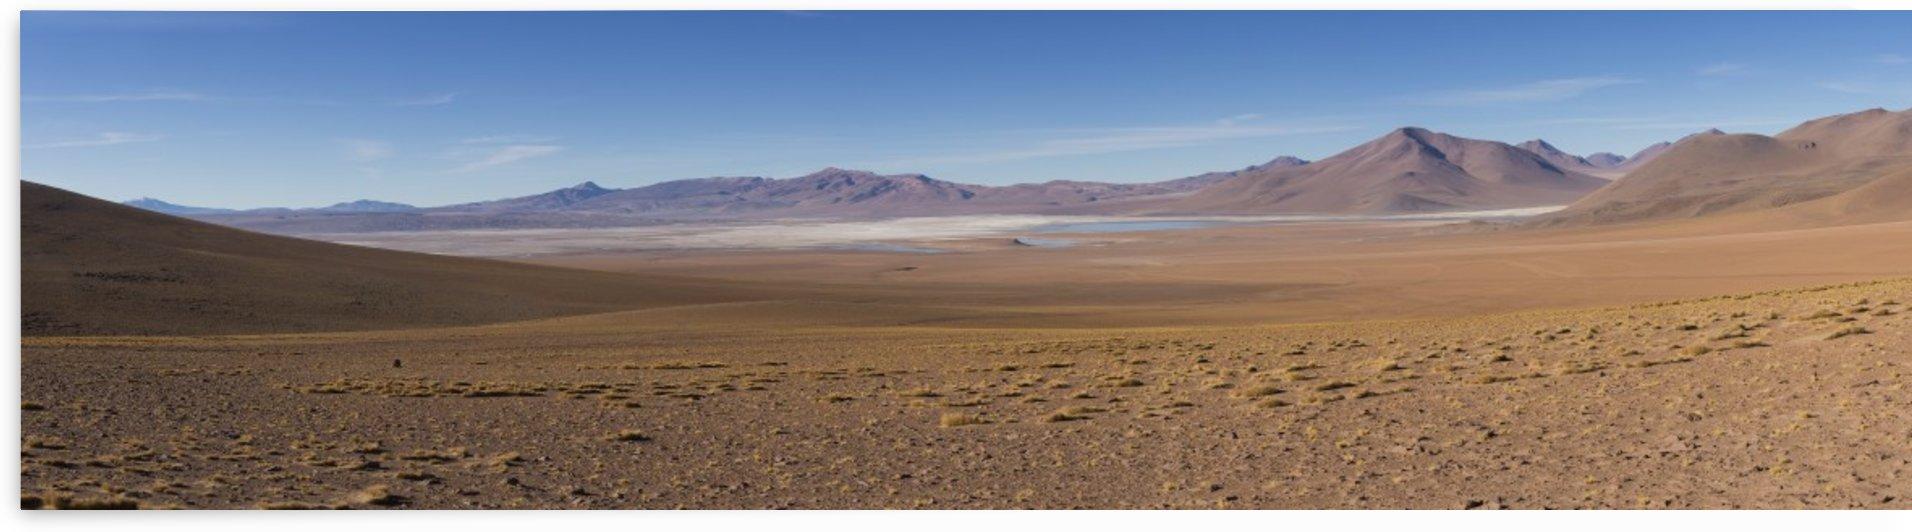 The surreal landscape of Bolivia's Altiplano region near Uyuni; Bolivia by PacificStock